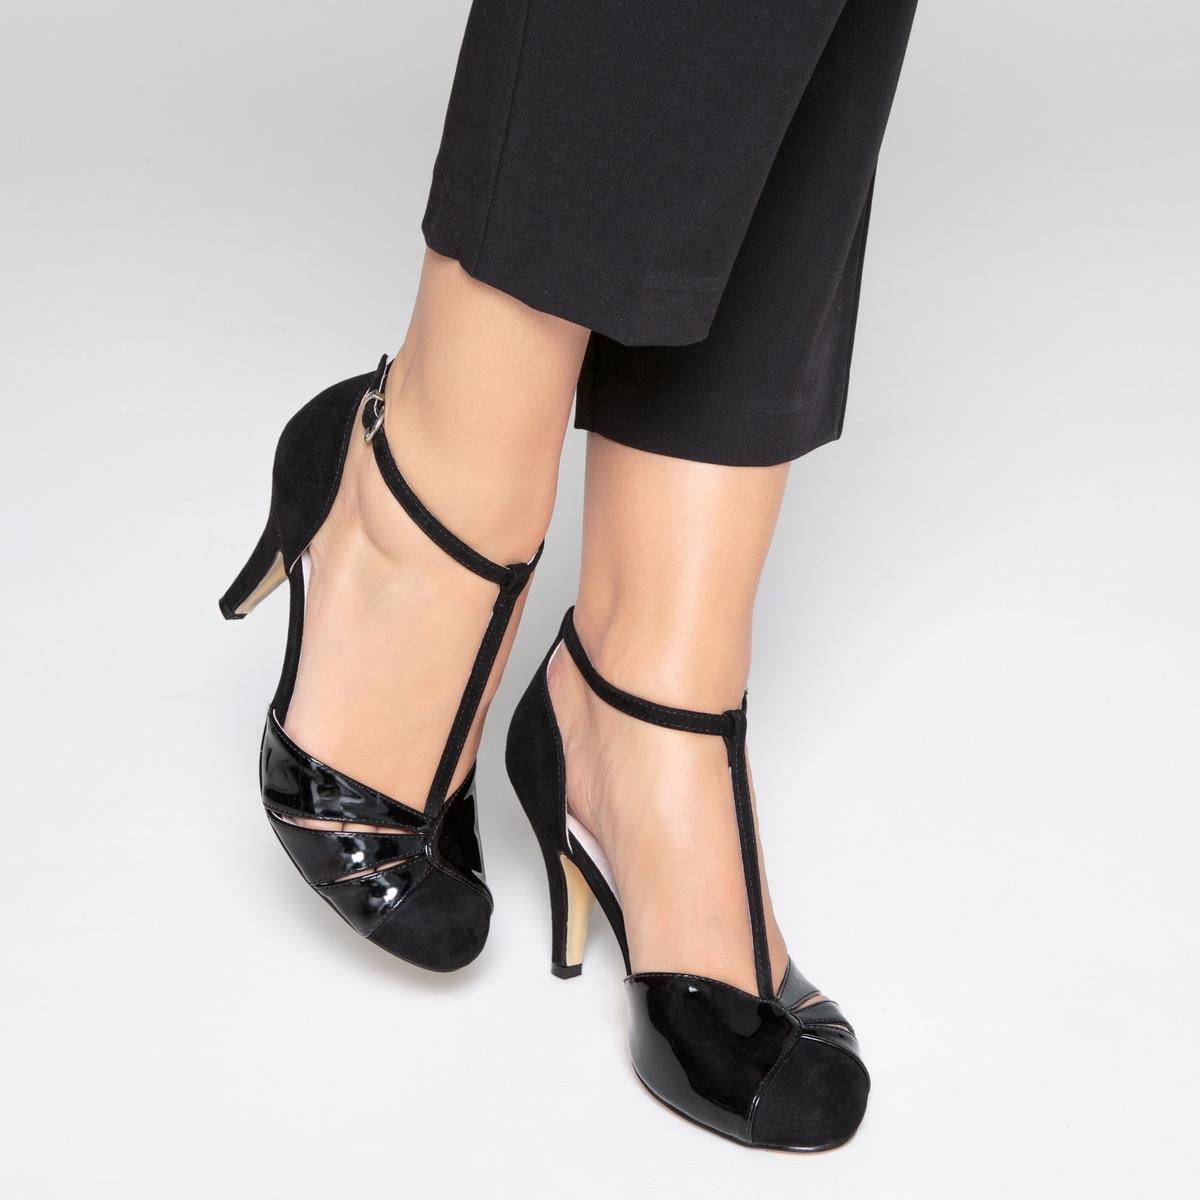 Sapatos bimatéria, presilha no tornozelo